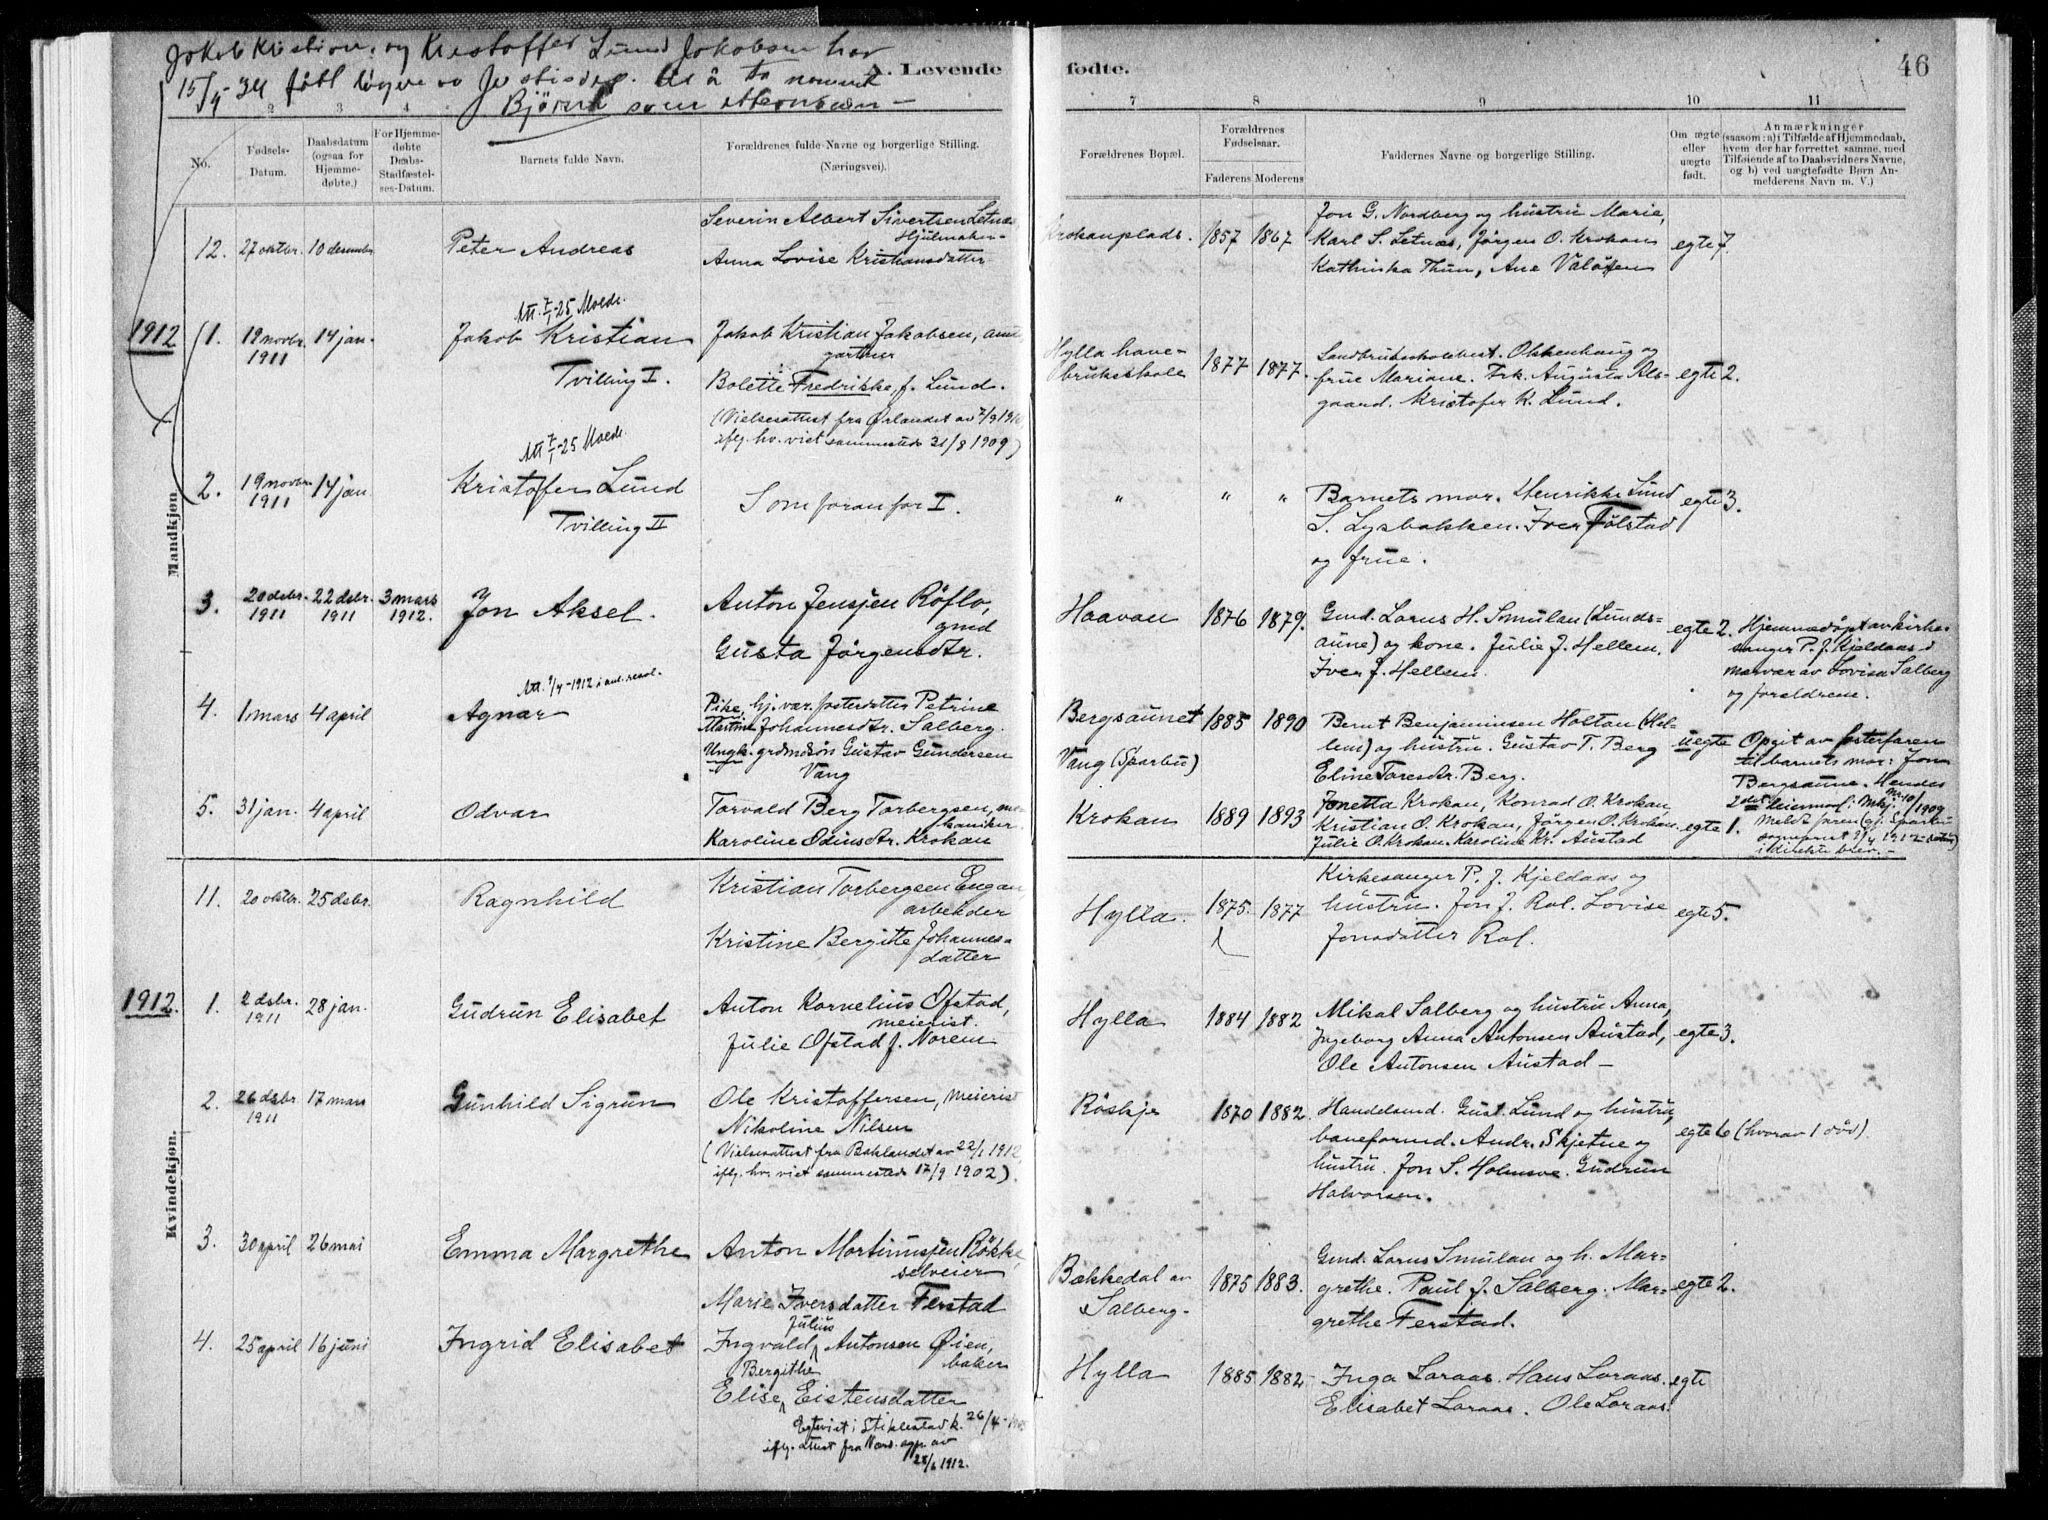 SAT, Ministerialprotokoller, klokkerbøker og fødselsregistre - Nord-Trøndelag, 731/L0309: Ministerialbok nr. 731A01, 1879-1918, s. 46